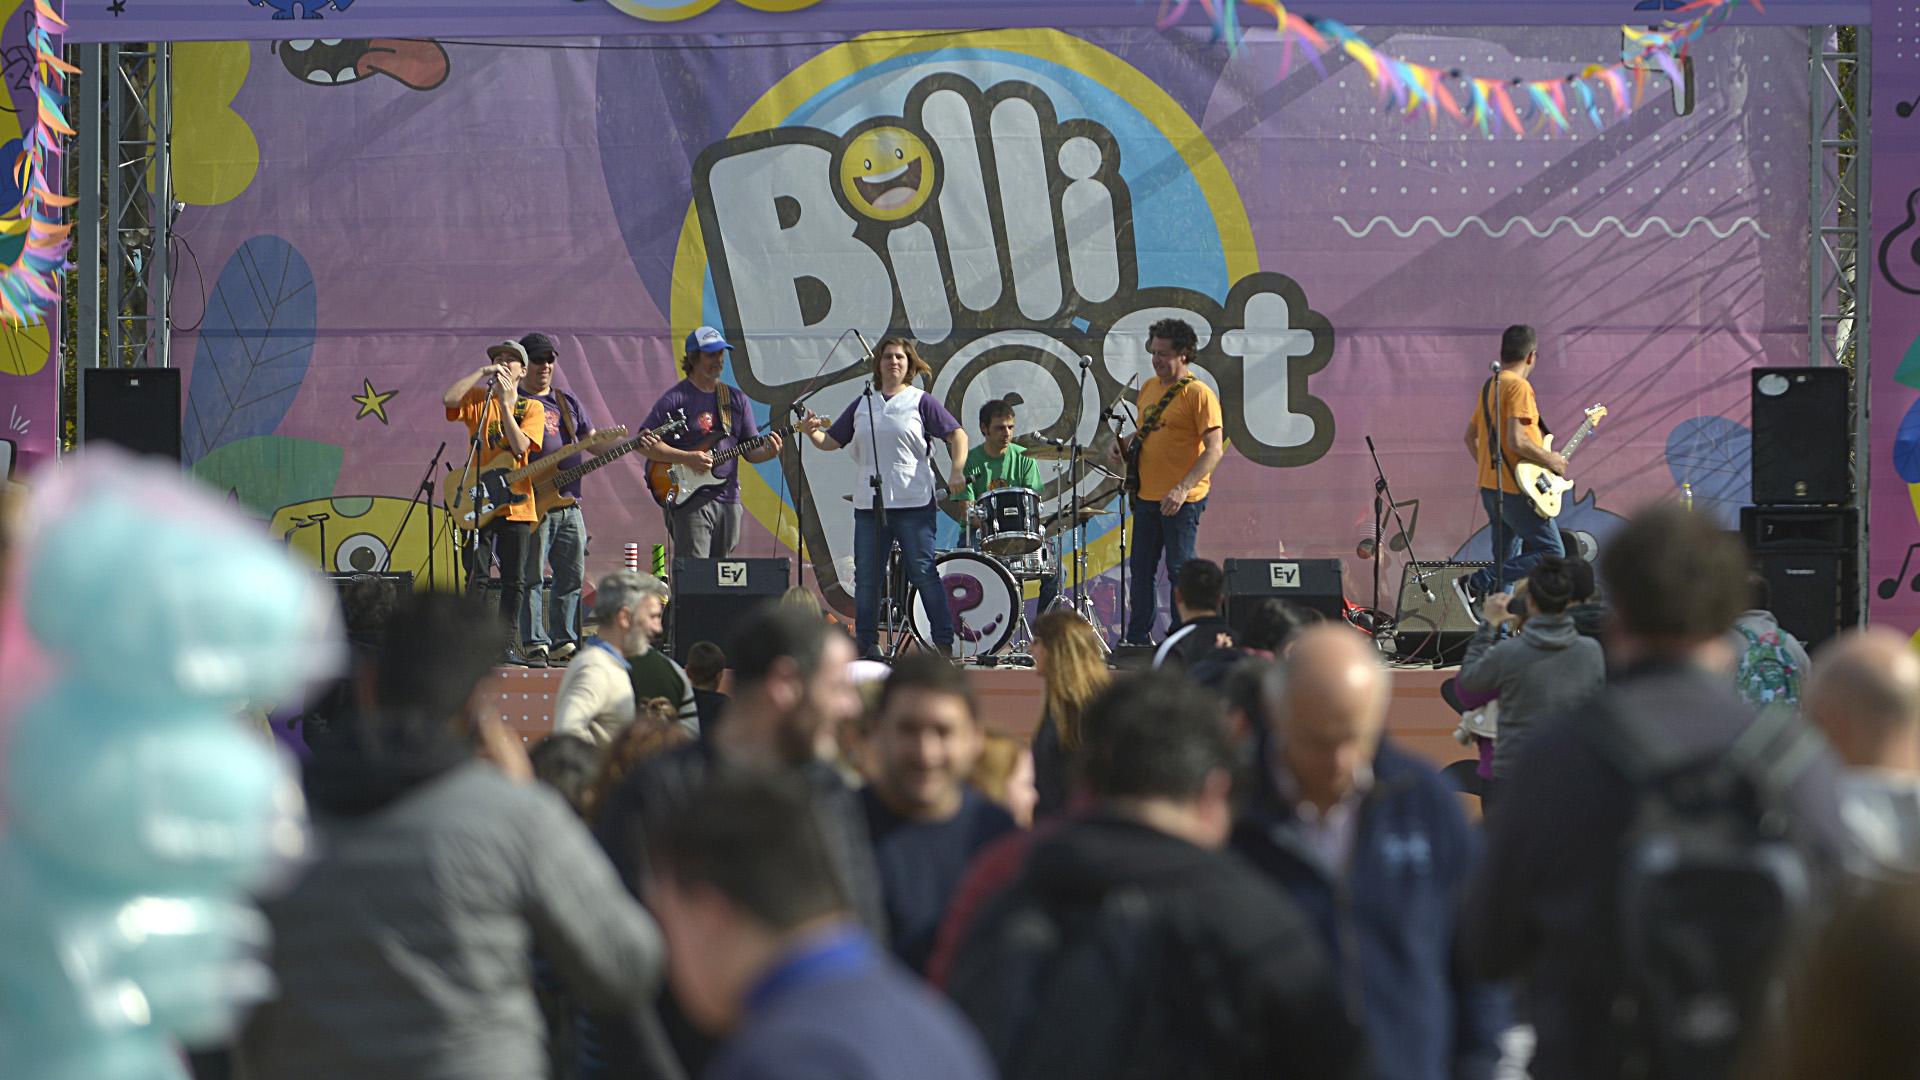 Música, diversión y colorido se dio cita en Lanús en el BilliFest. Mañana domingo de 12 a 18 también se podrán disfrutar de diferentes actividades en el predio